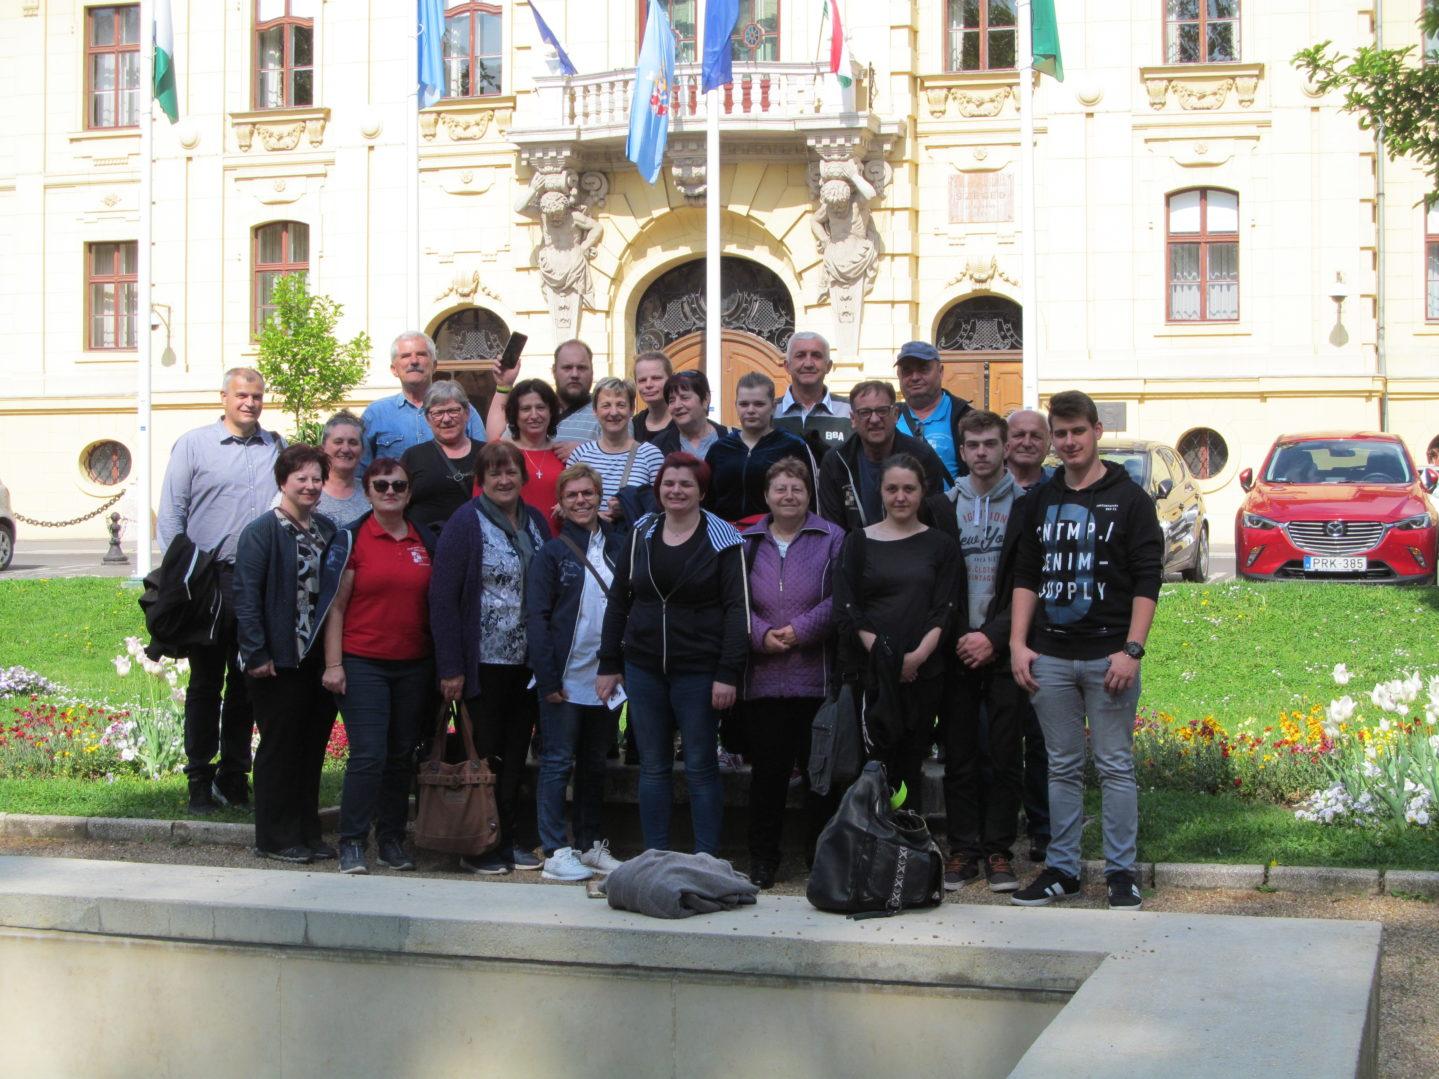 Rumunjska stranica za upoznavanje u SAD-u objasnite značenje datiranja